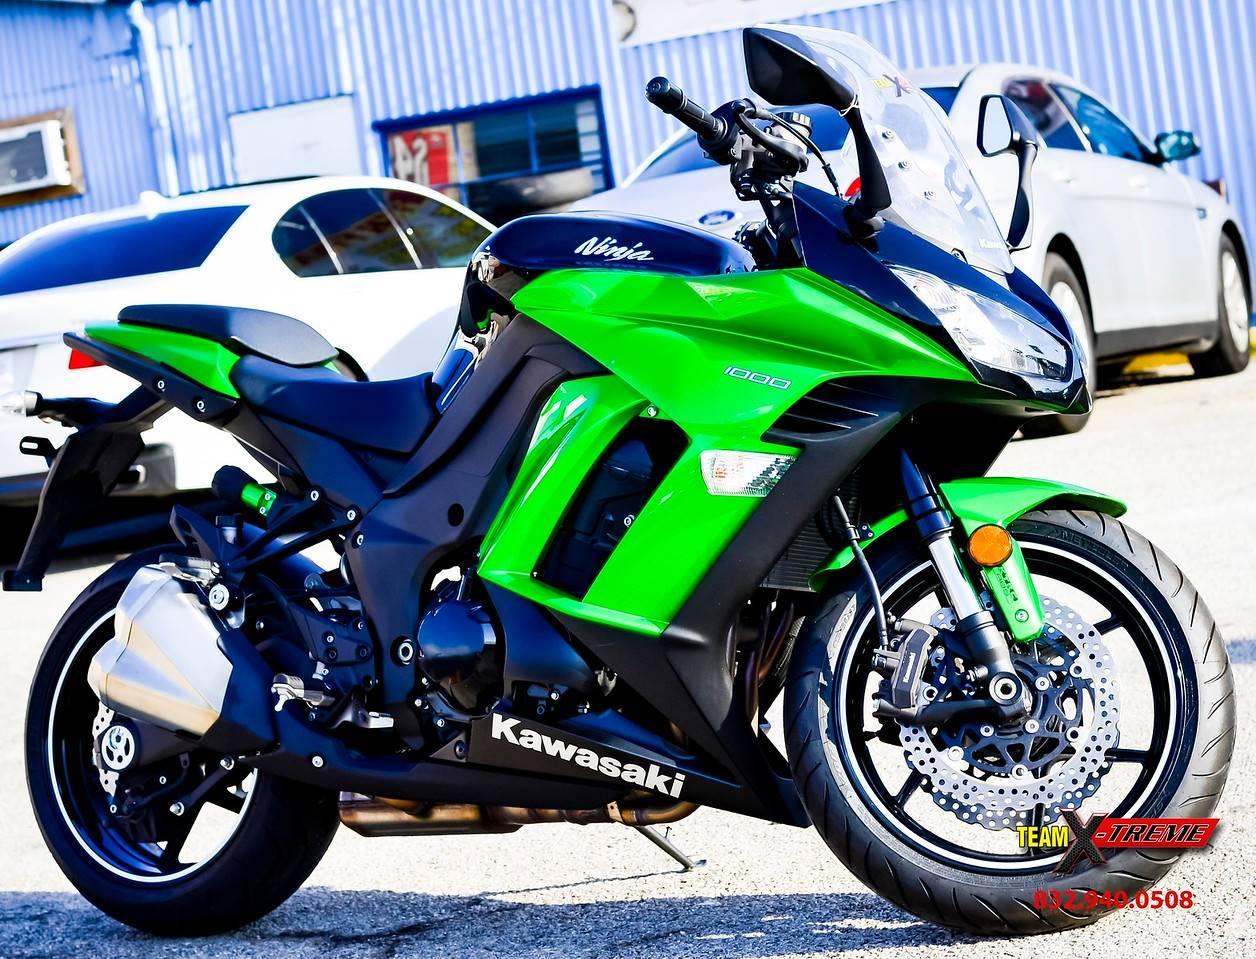 2015 Kawasaki Z1000 ABS 1